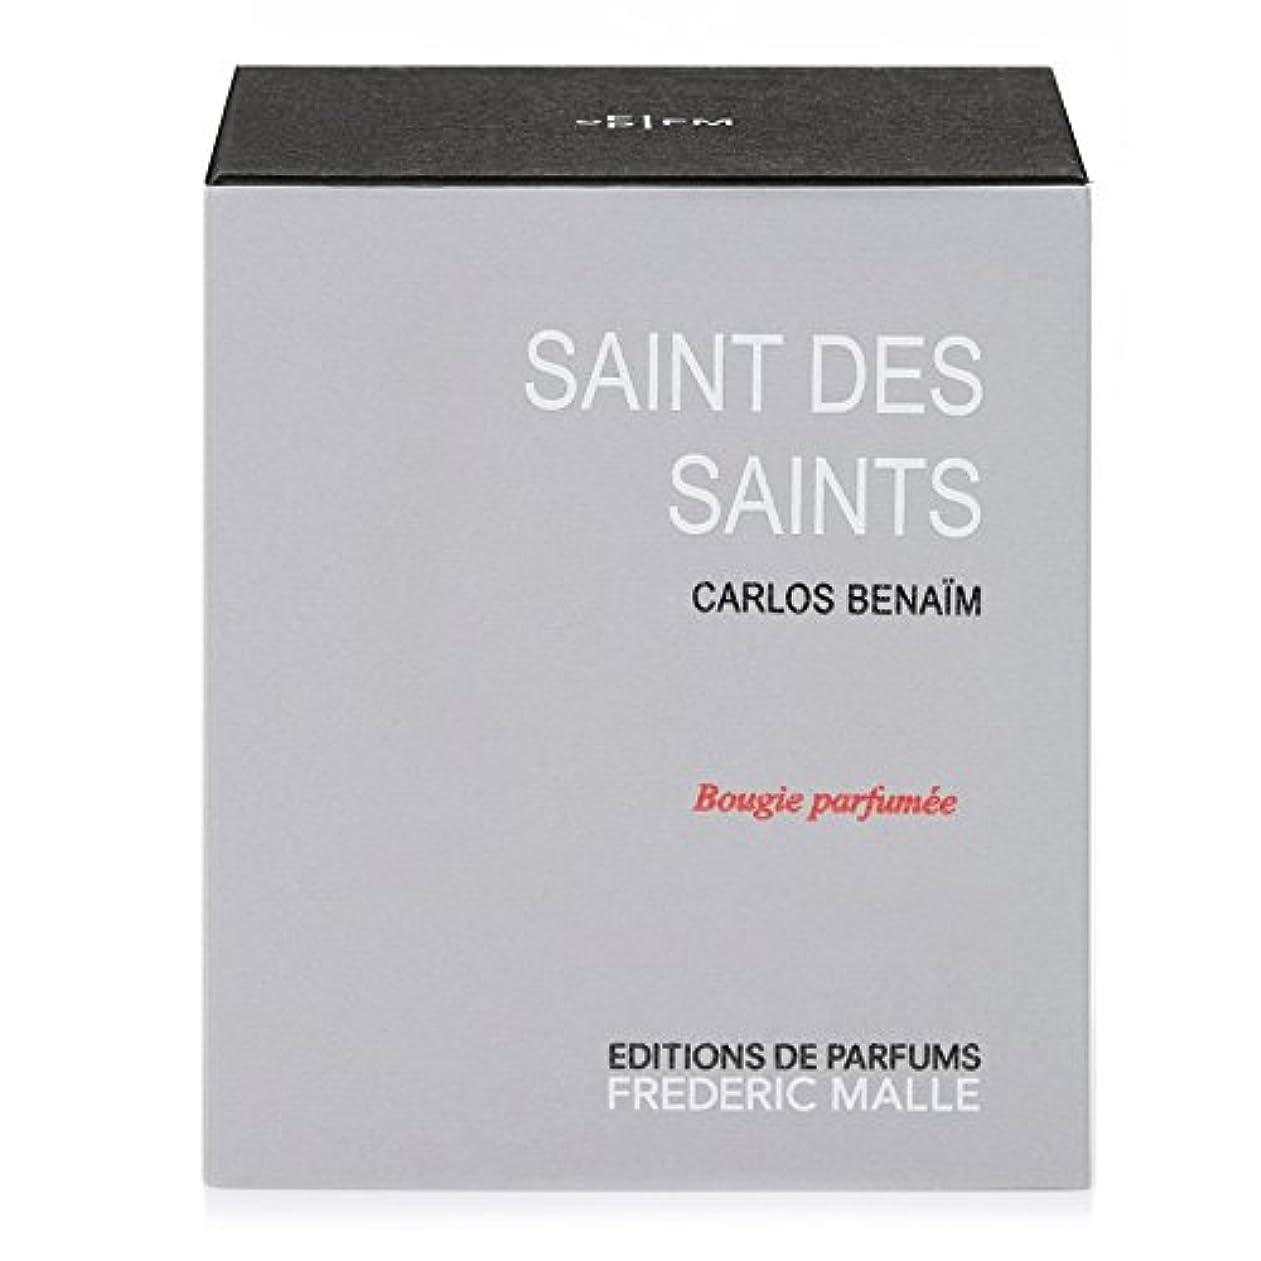 ガジュマルアコー人気のフレデリック?マル聖人デ聖人の香りのキャンドル220グラム x6 - Frederic Malle Saint Des Saints Scented Candle 220g (Pack of 6) [並行輸入品]